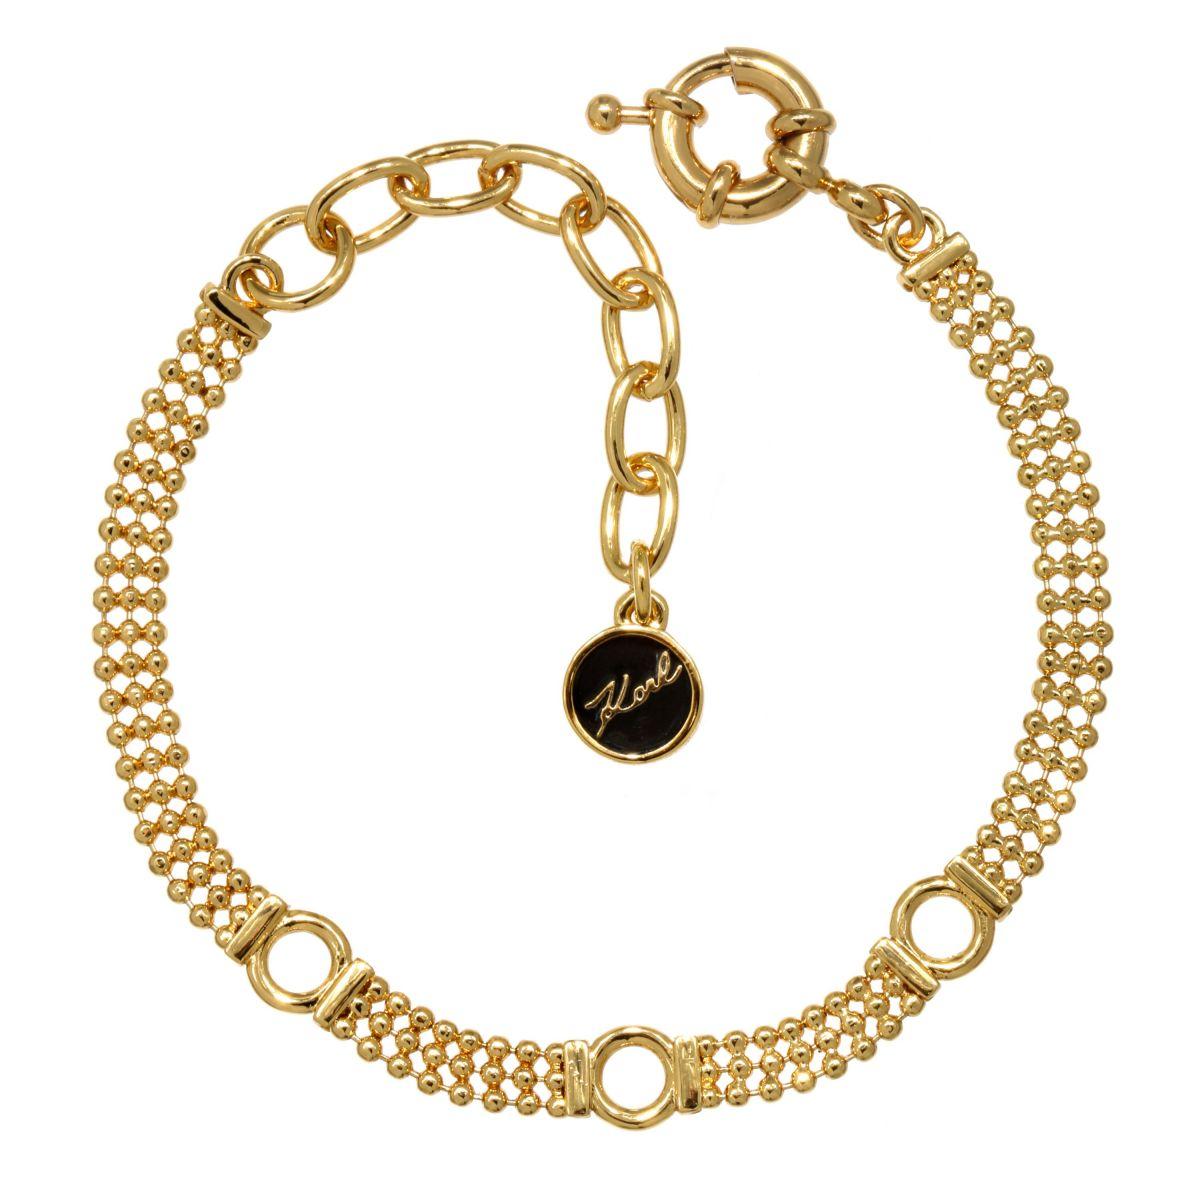 Karl Lagerfeld Gold Plated Charm Bracelet SSdkw0aJ